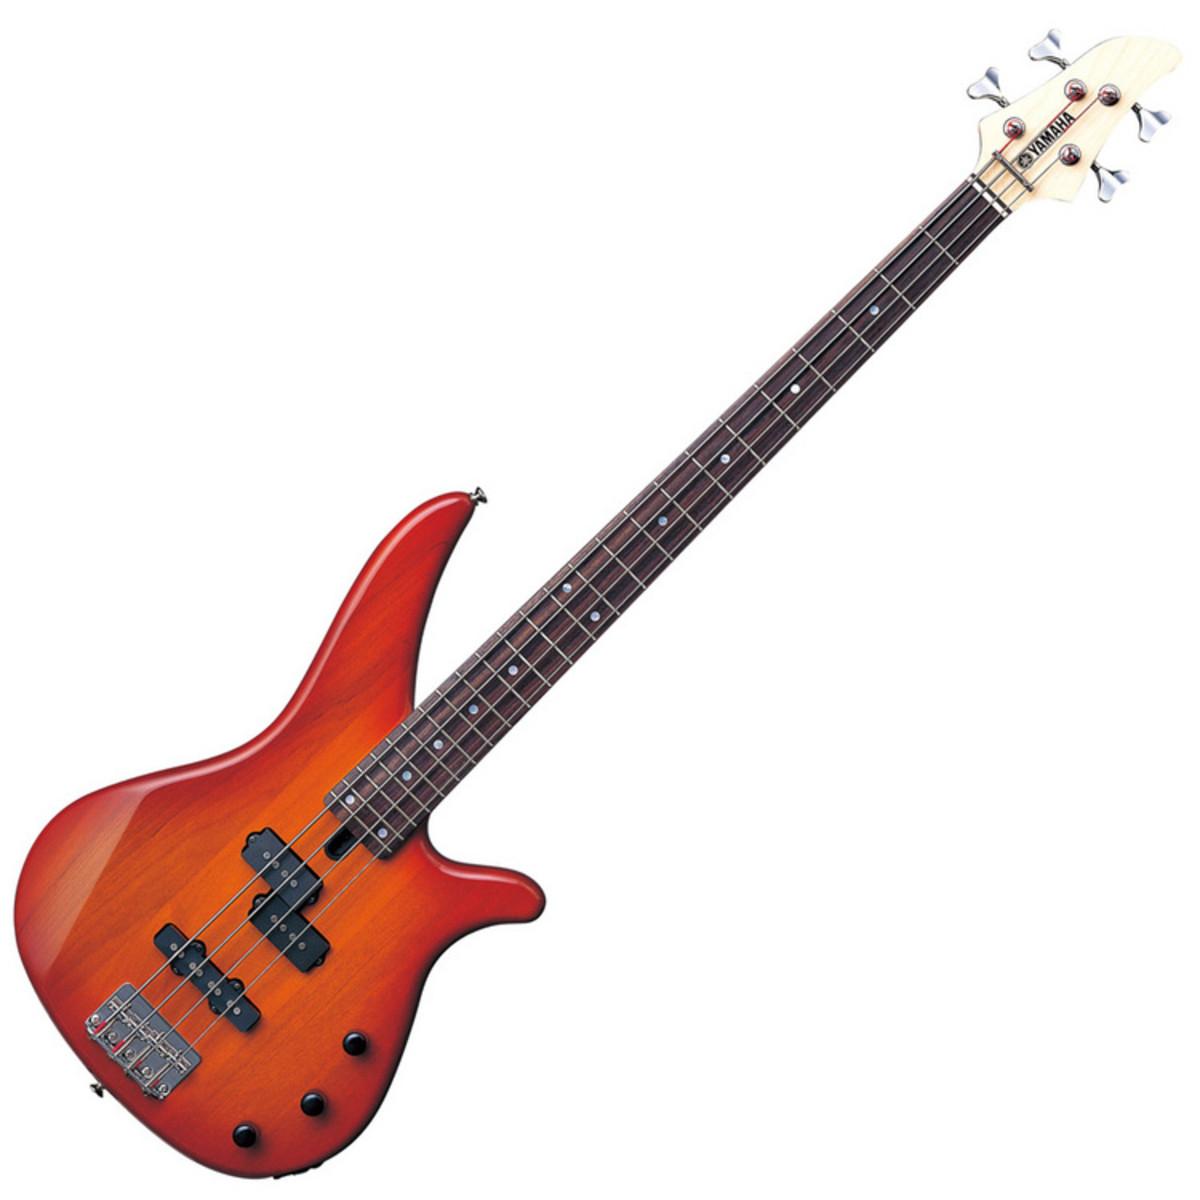 Disc yamaha rbx170 bass guitar light amber at for Yamaha bass guitars